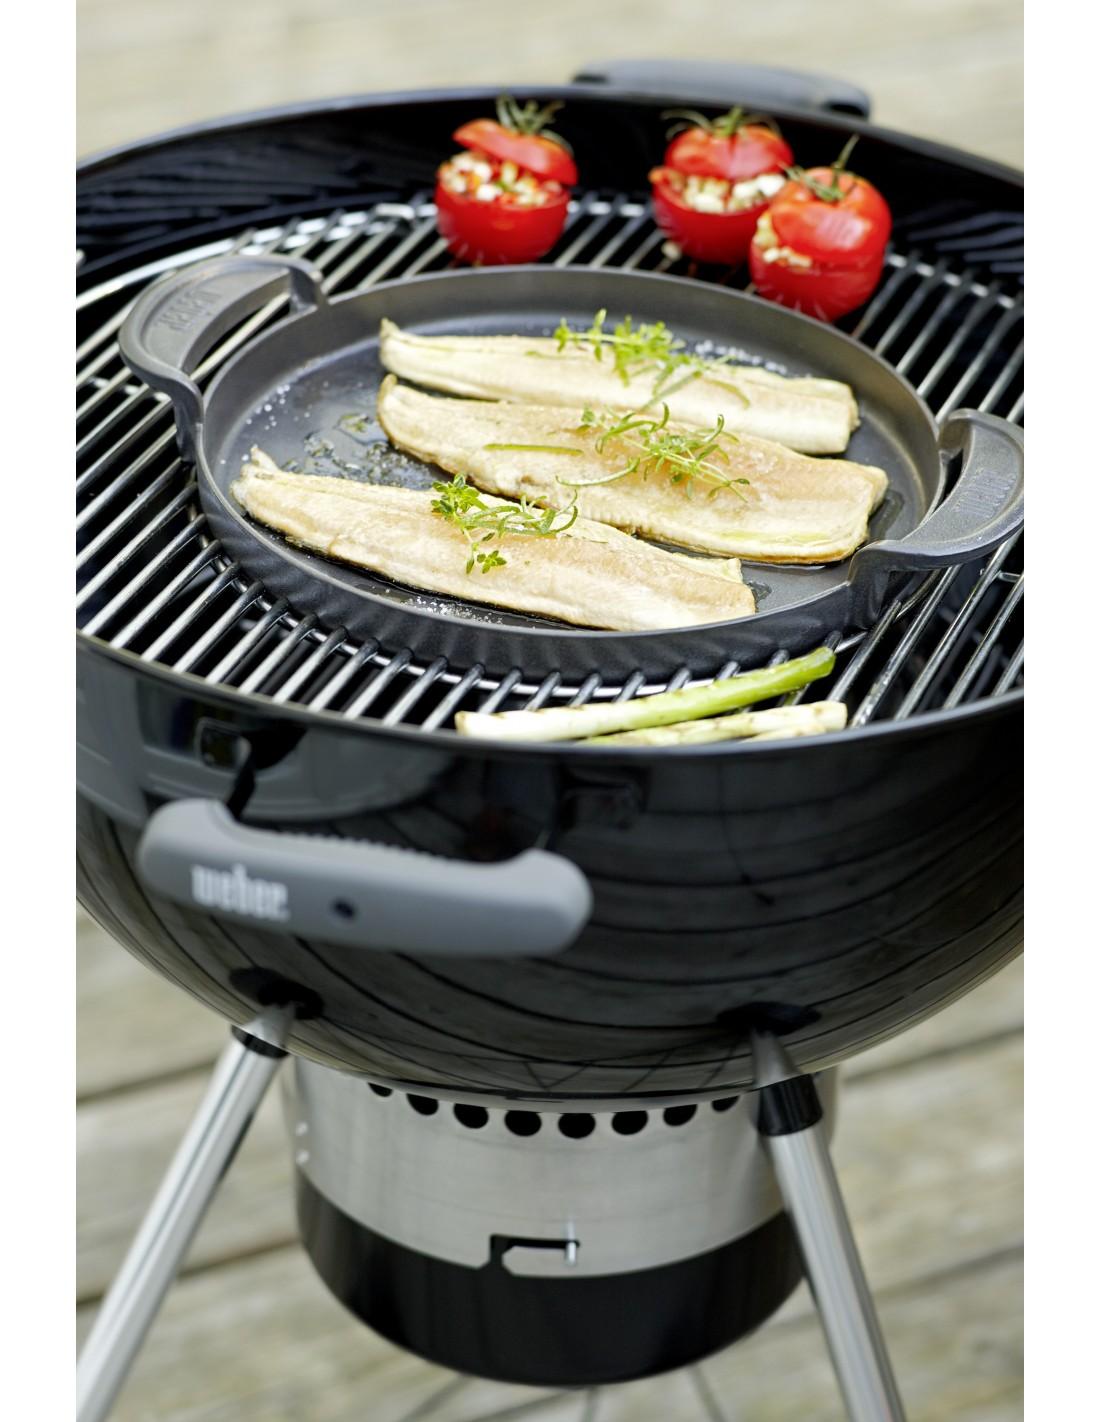 Grille de cuisson gourmet bbq system pour barbecues 57 cm weber - Grille de cuisson pour barbecue ...